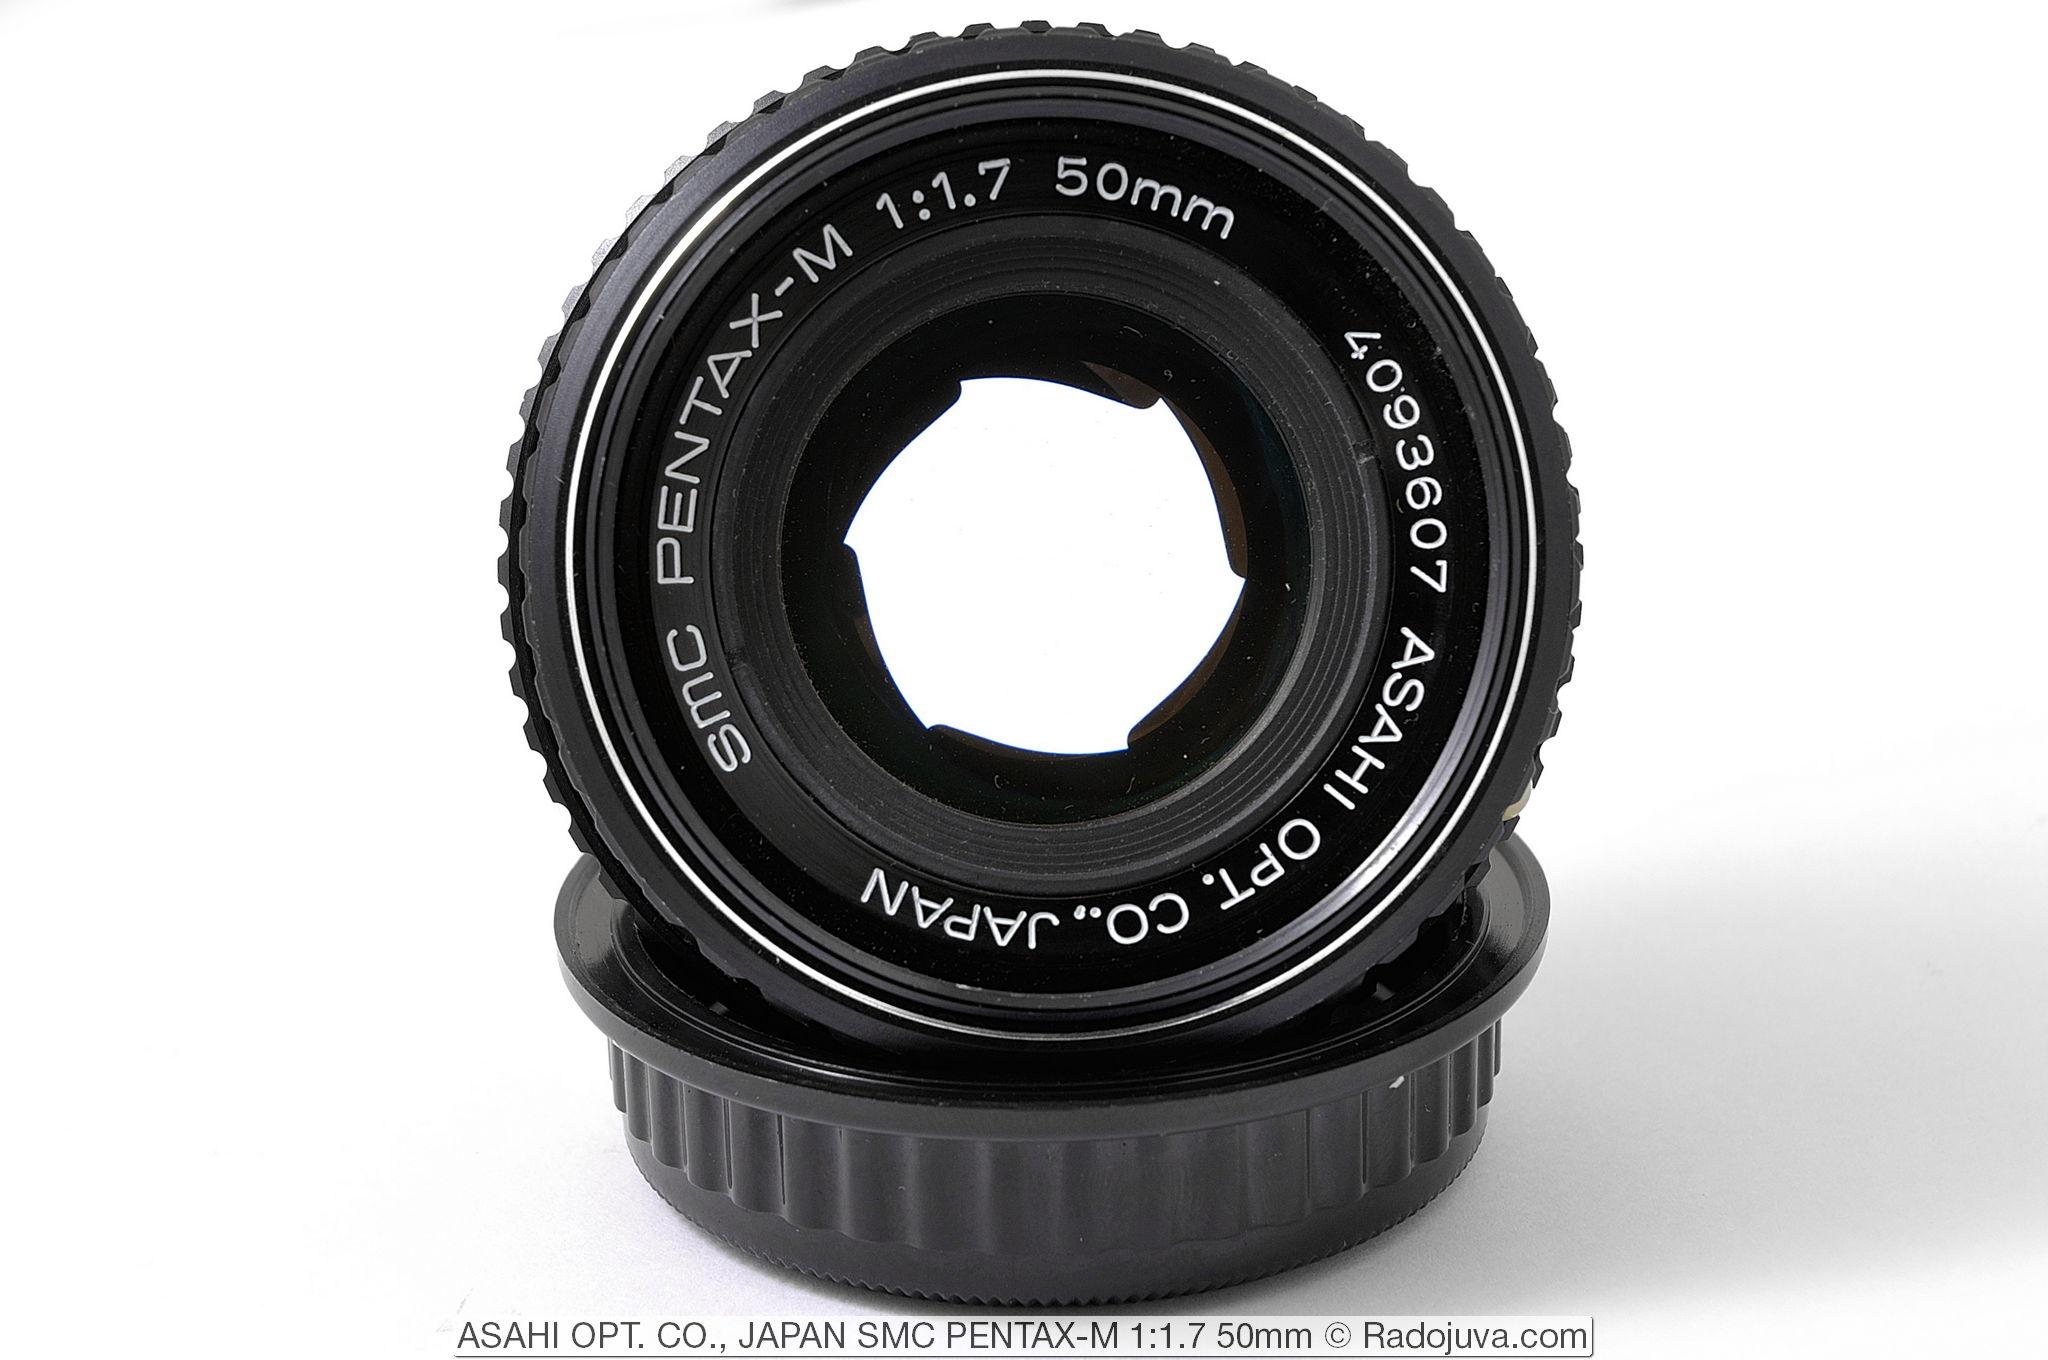 Зазубрины диафрагмы на значении F/2 у ASAHI OPT. CO., JAPAN SMC PENTAX-M 1:1.7 50mm